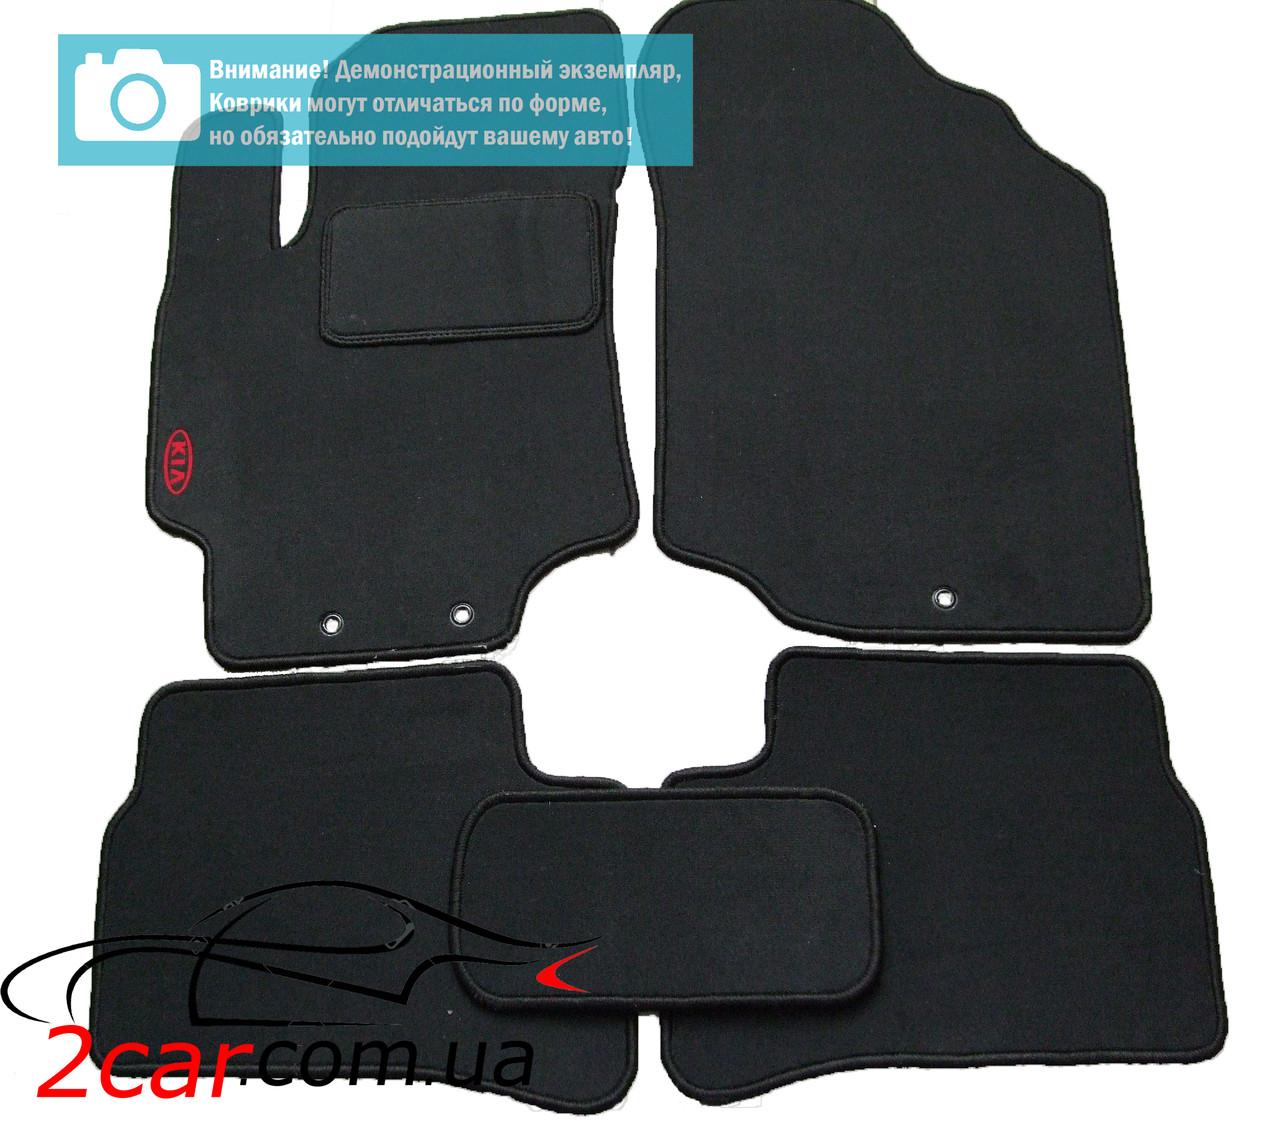 Текстильные коврики в салон для Kia Optima (2010-) (чёрный) (StingrayU